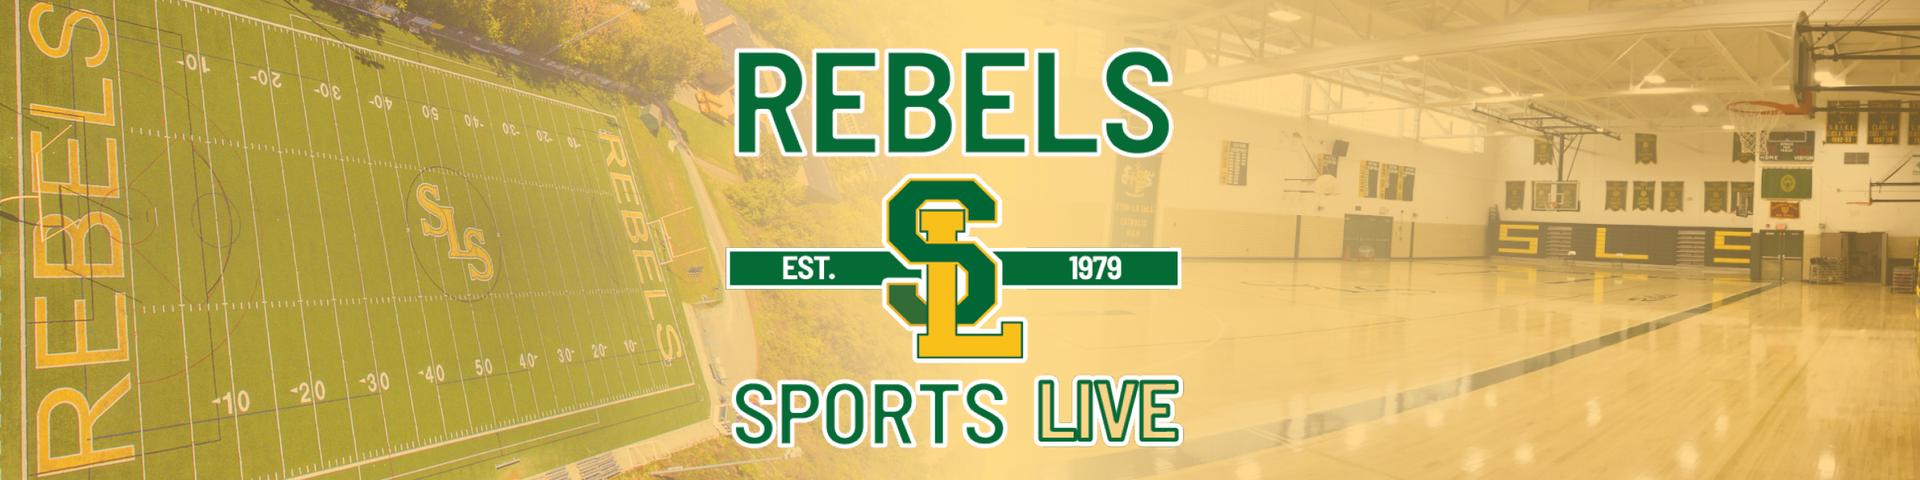 Rebels Sports Live